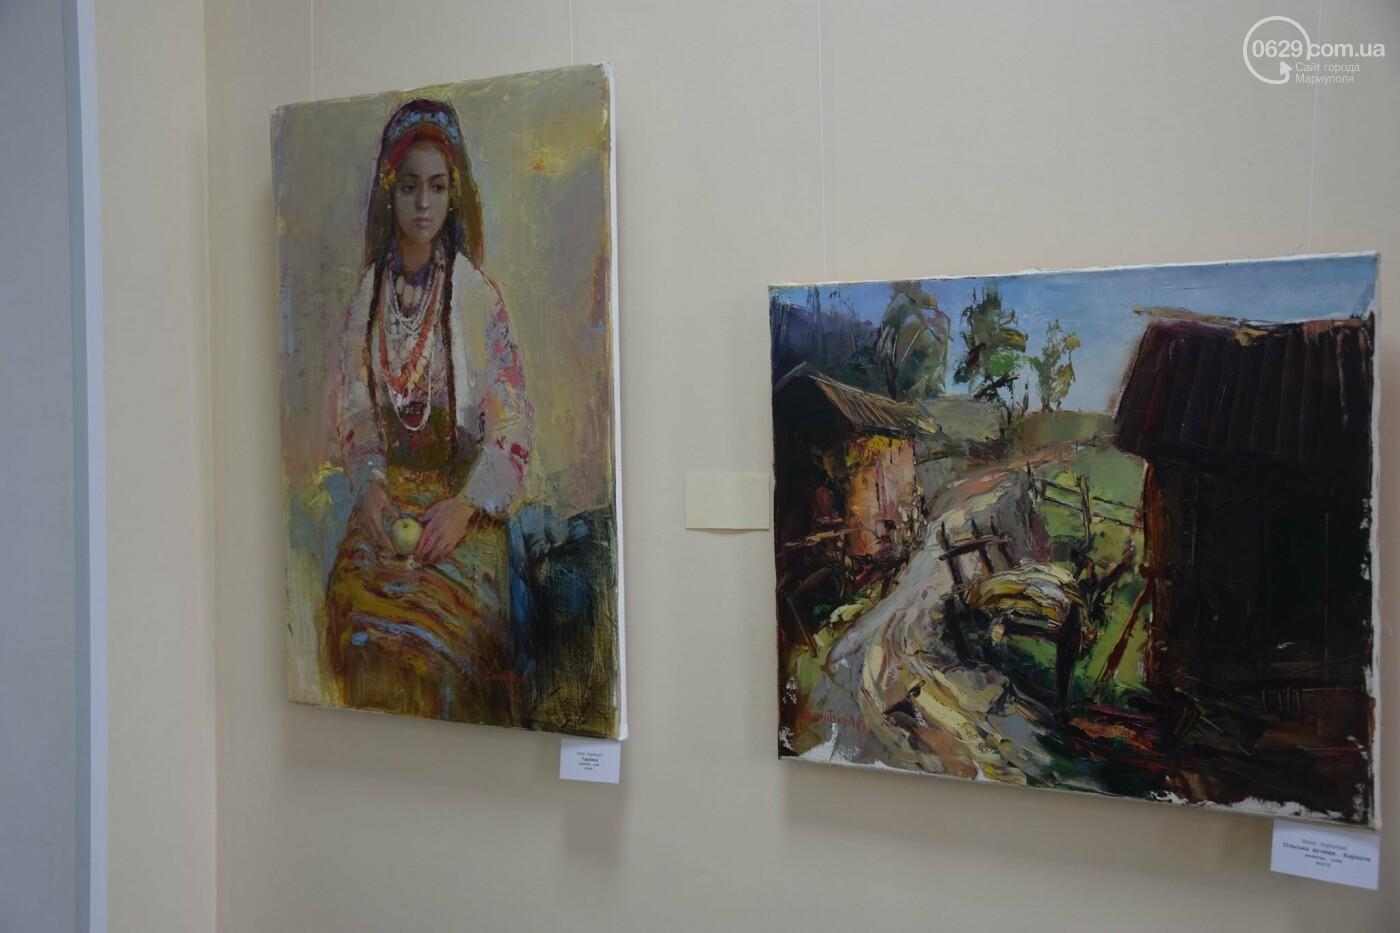 Комплимент или сексизм. Что можно увидеть на картинах художницы из Израиля,- ФОТО, фото-13